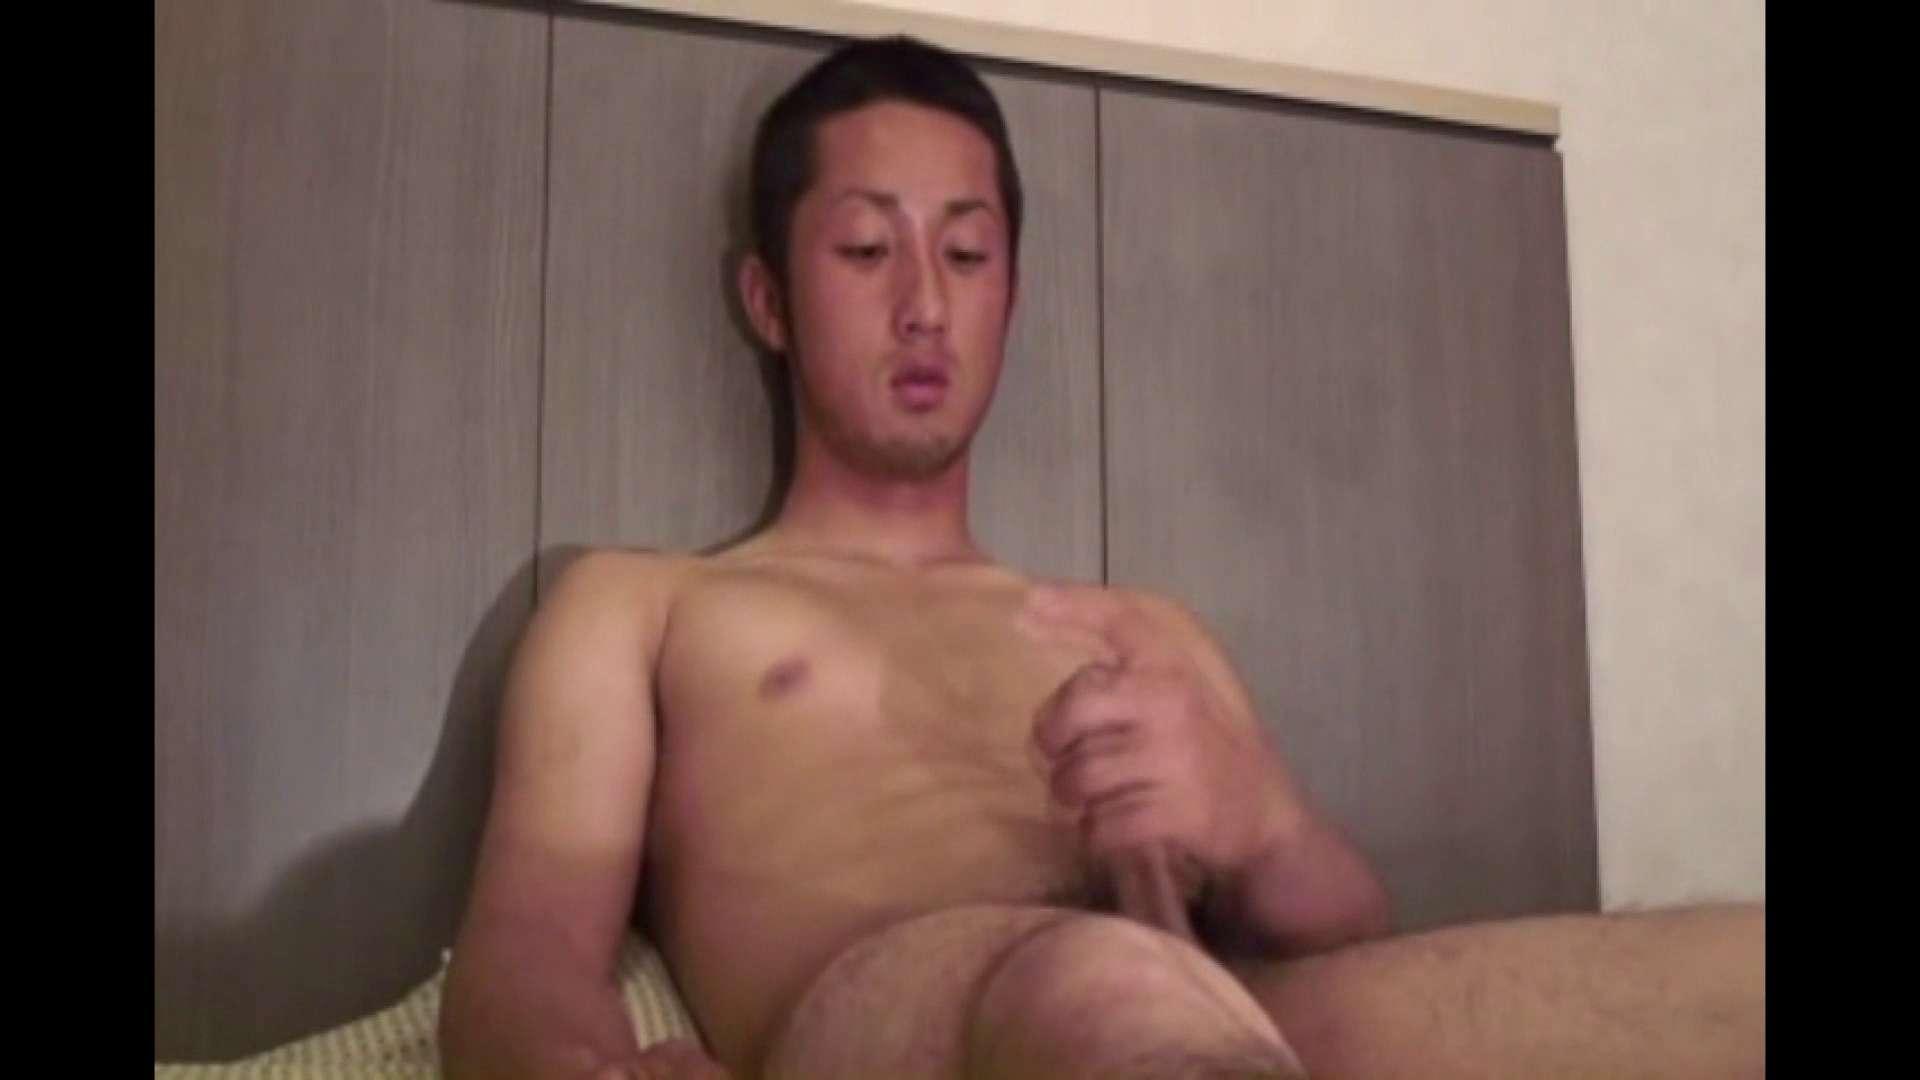 ノンケイケメンの欲望と肉棒 Vol.4 肉   ノンケボーイズ  52pic 49